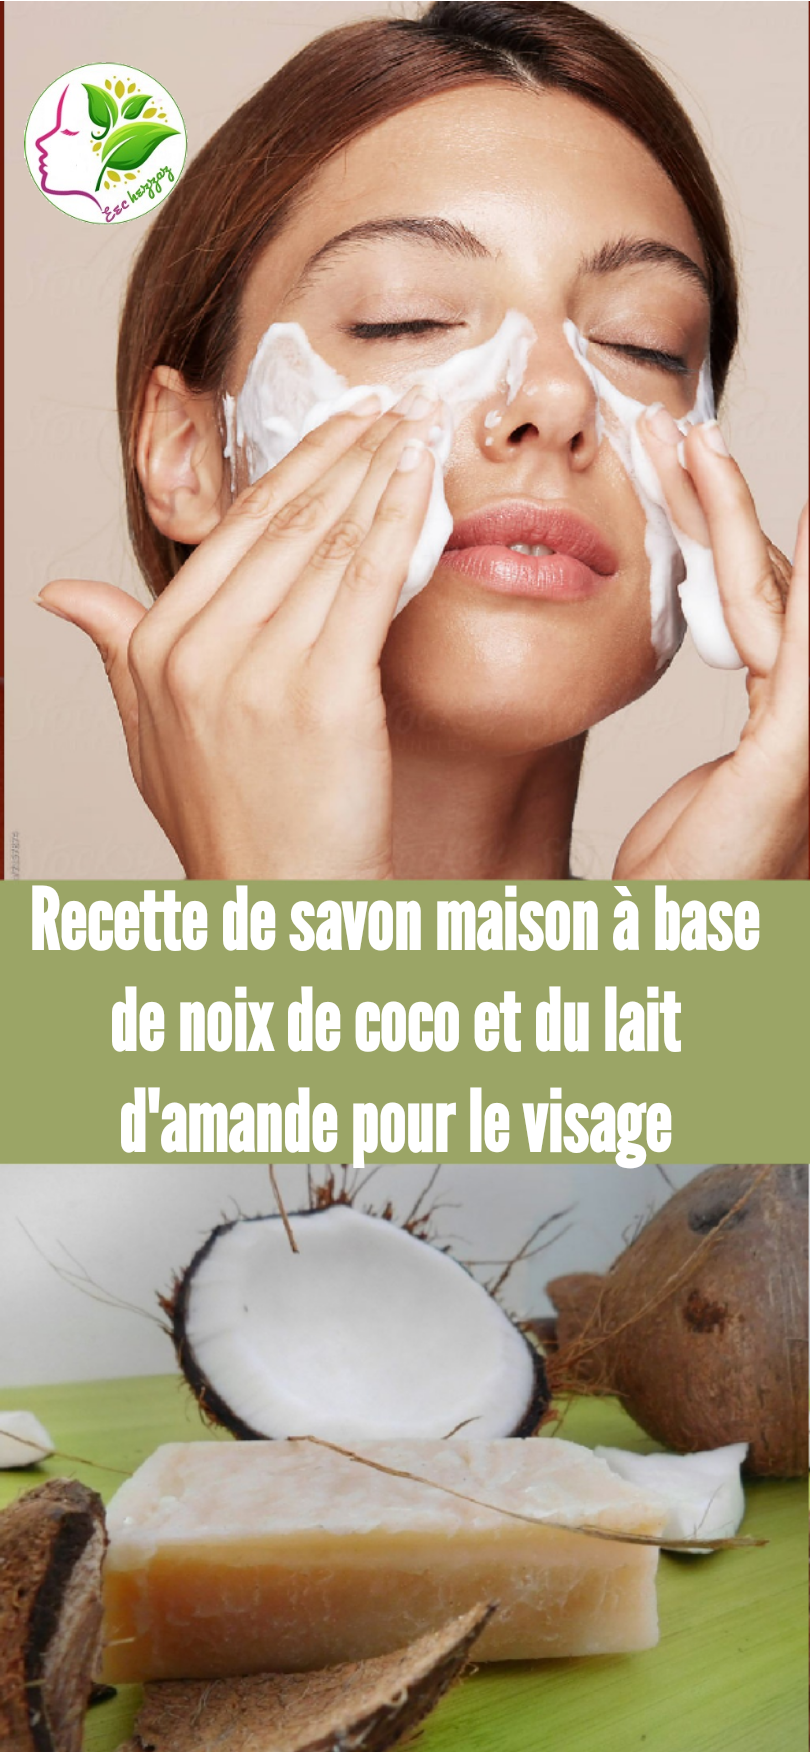 Recette de savon maison à base de noix de coco et du lait d'amande pour le visage